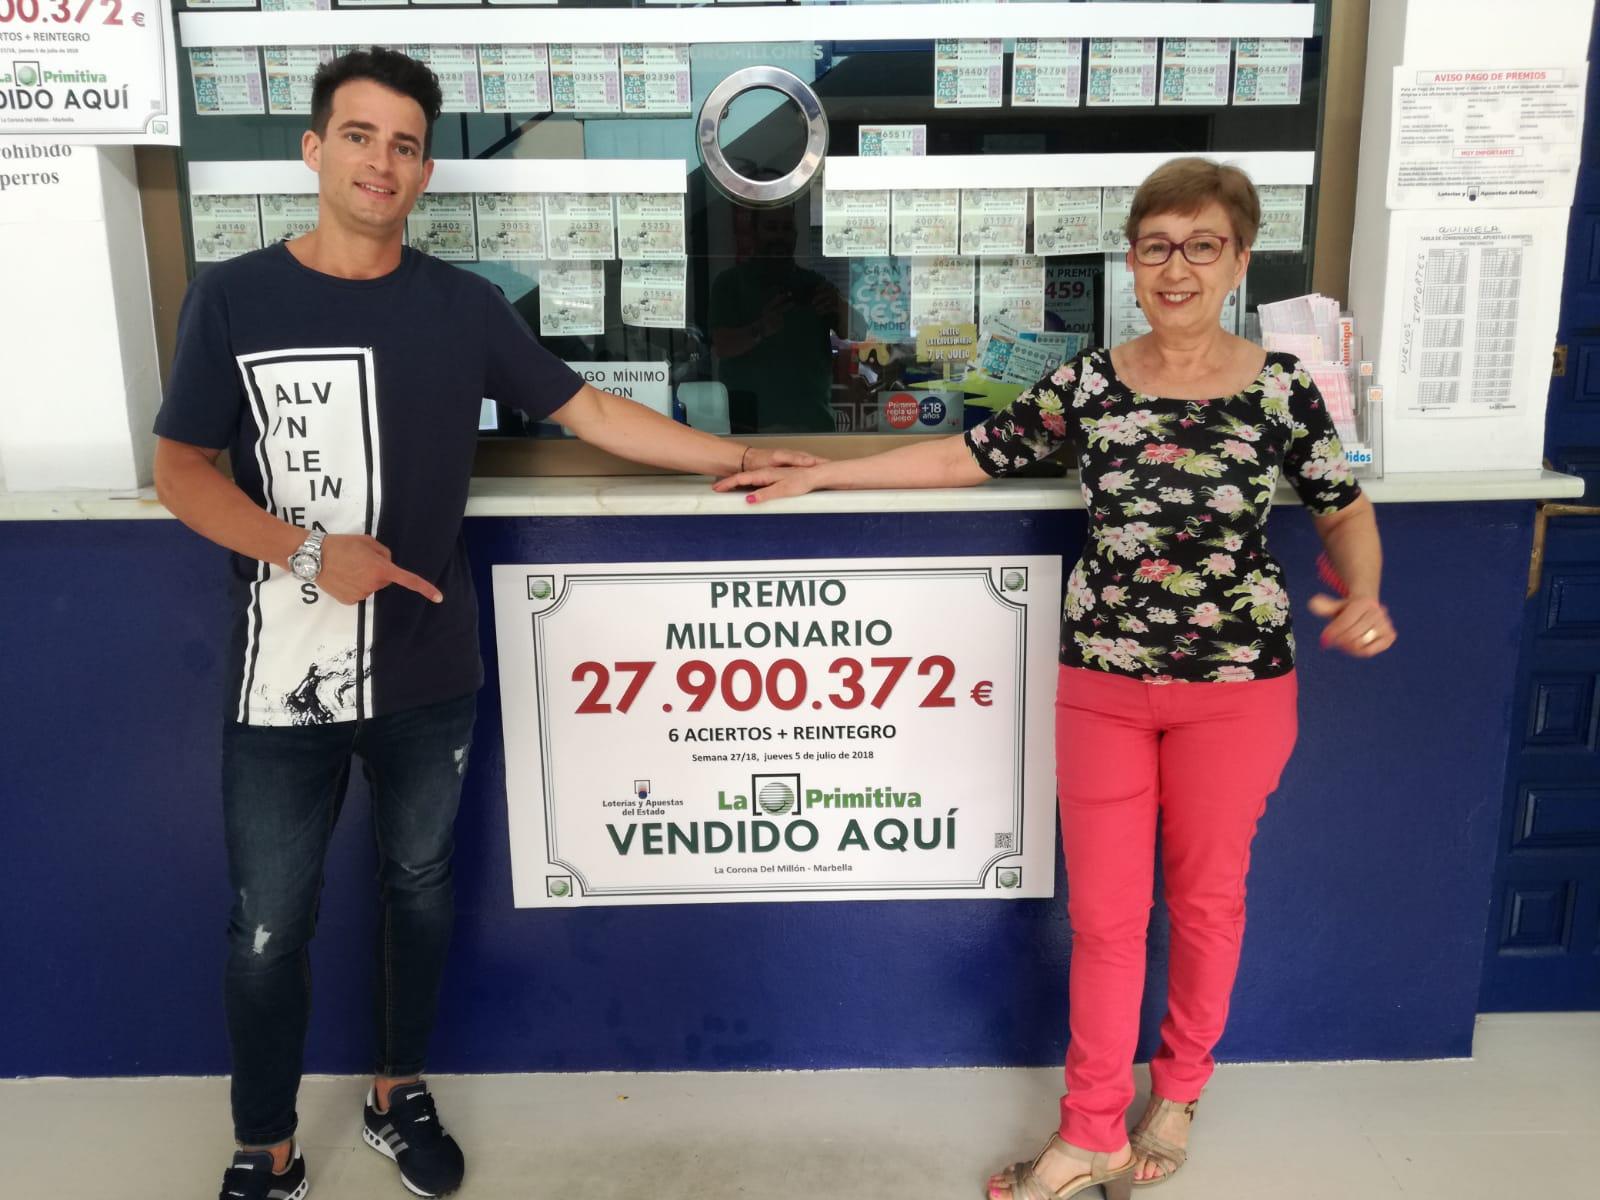 Un boleto sellado en Marbella es agraciado con 28 millones de euros